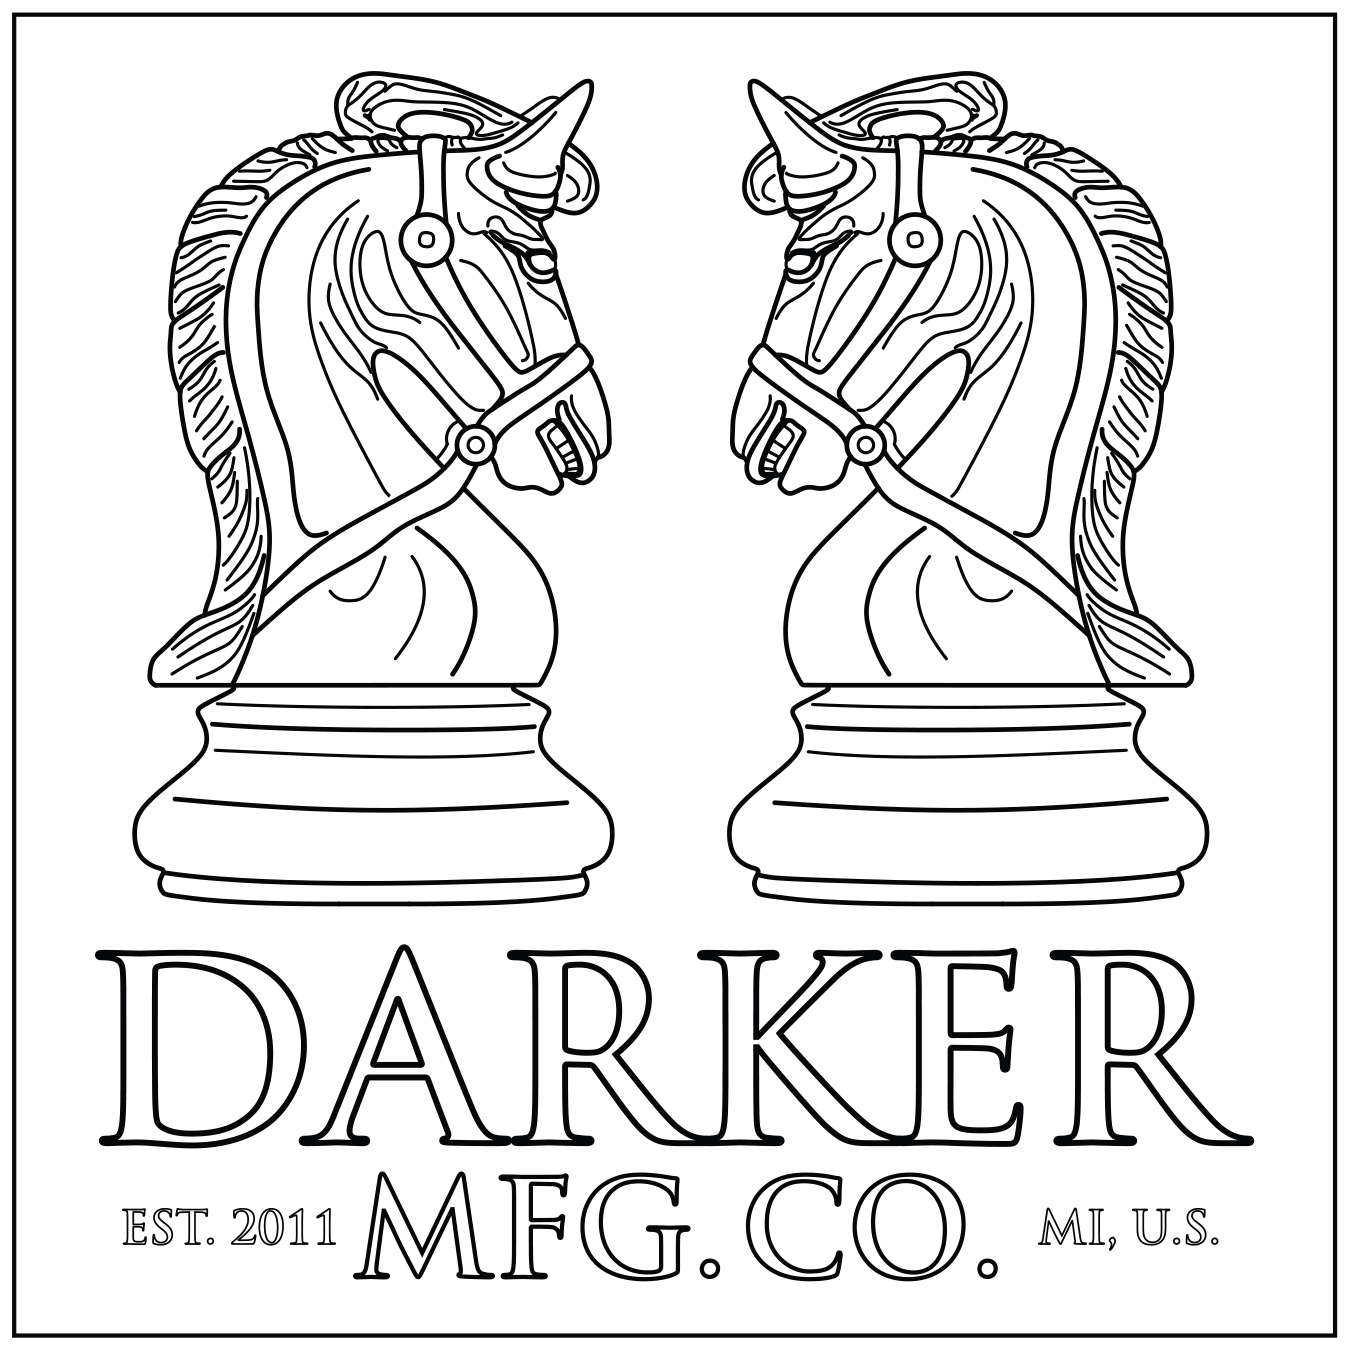 darker logo white background.jpg